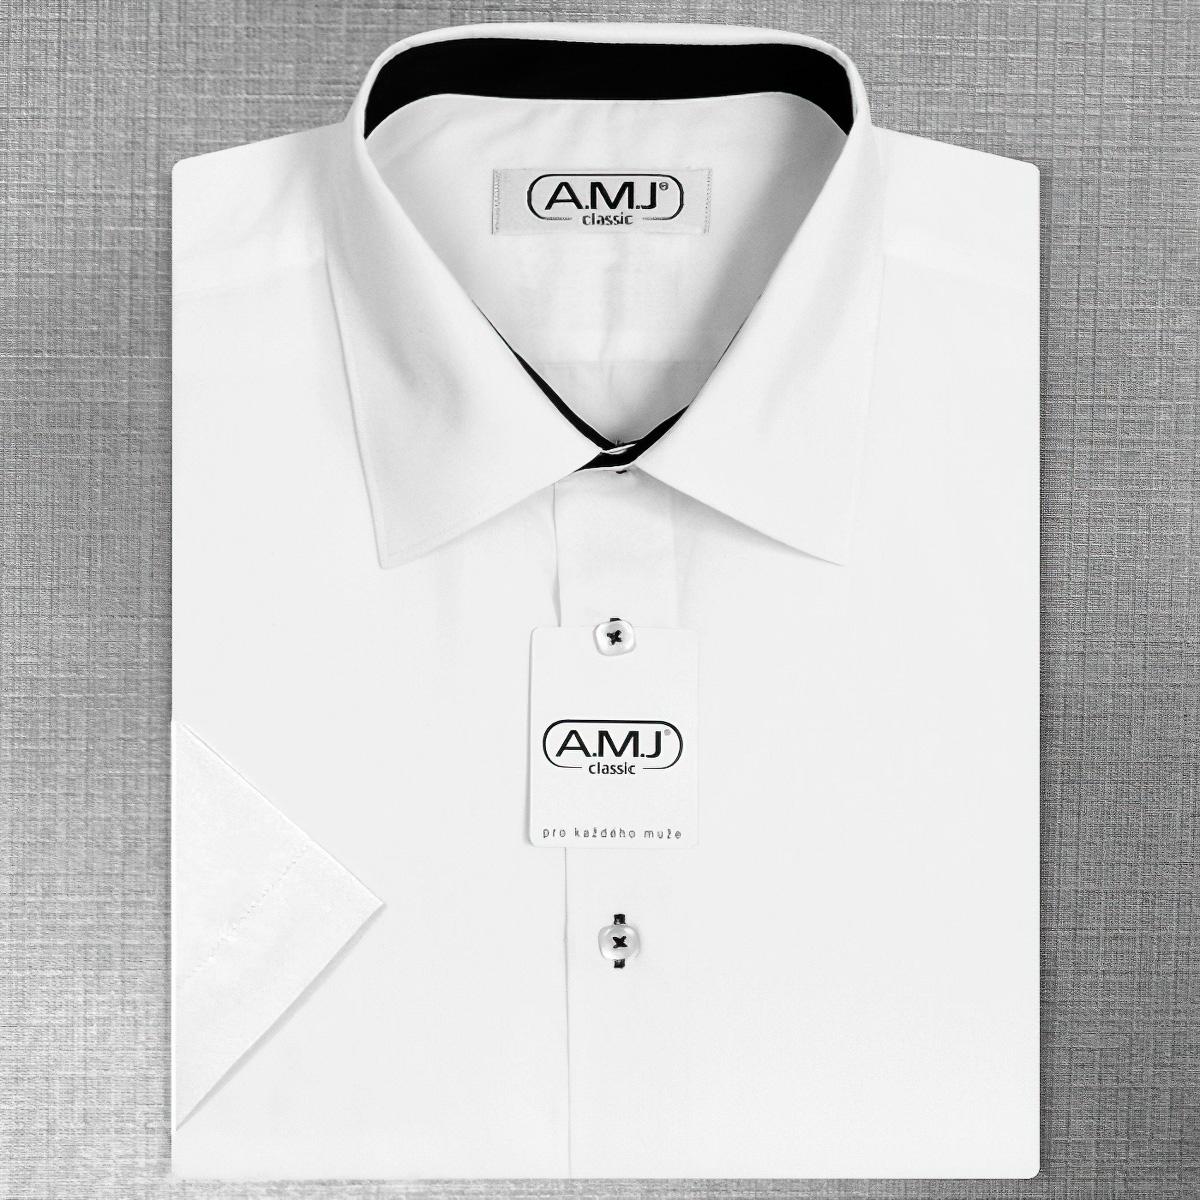 Pánská košile AMJ jednobarevná JKR018 b2db92f963